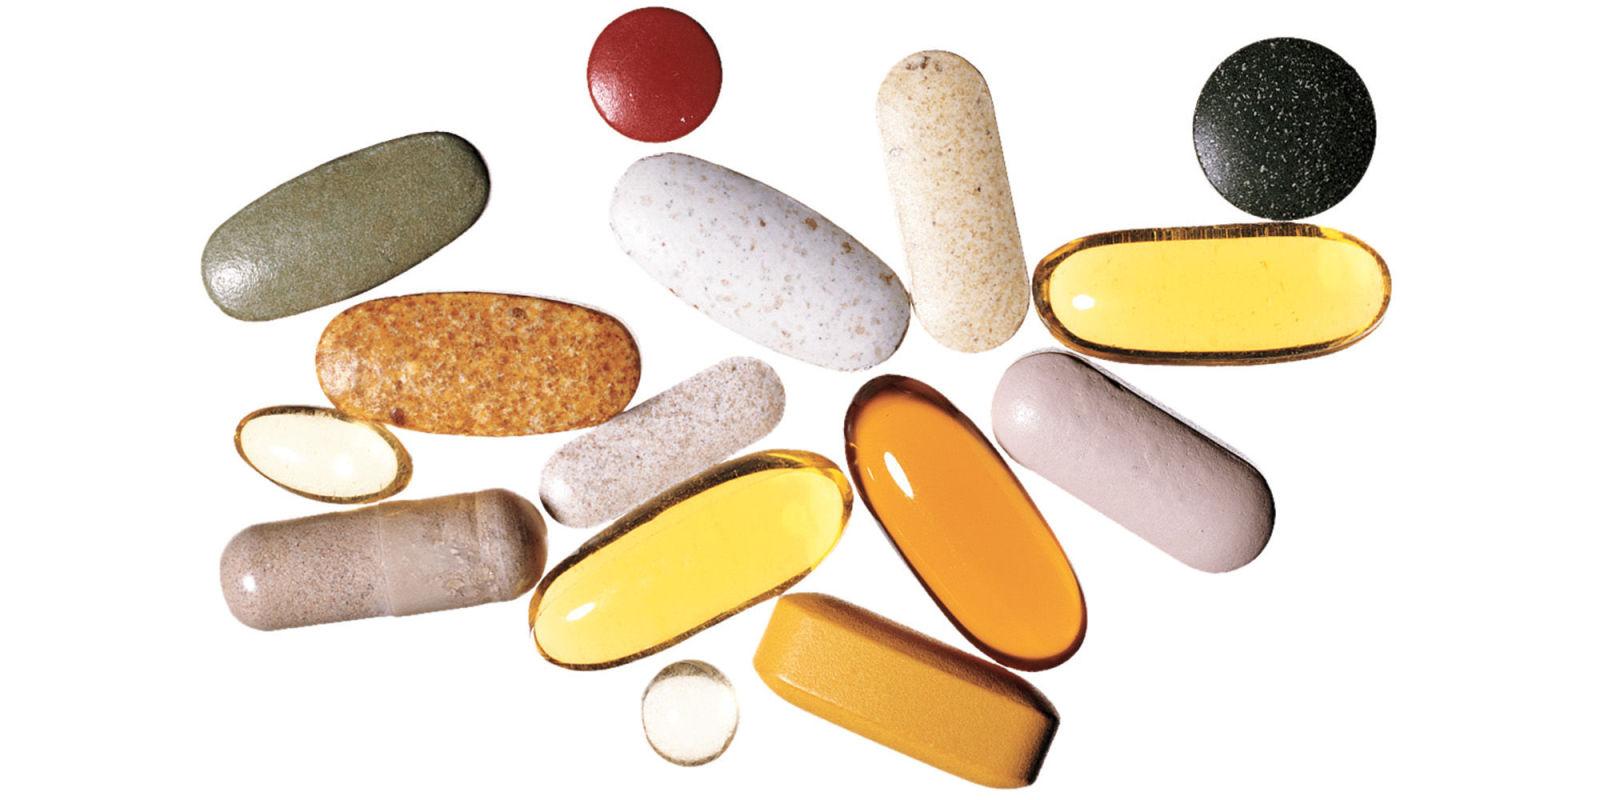 vitamins, supplements, multivitamins, vitamin a, vitamin b, vitamin c, vitamin d, vitamin e, b vitamins, zinc, magnesium, probiotics, supplements for testosterone, natural supplements for testosterone